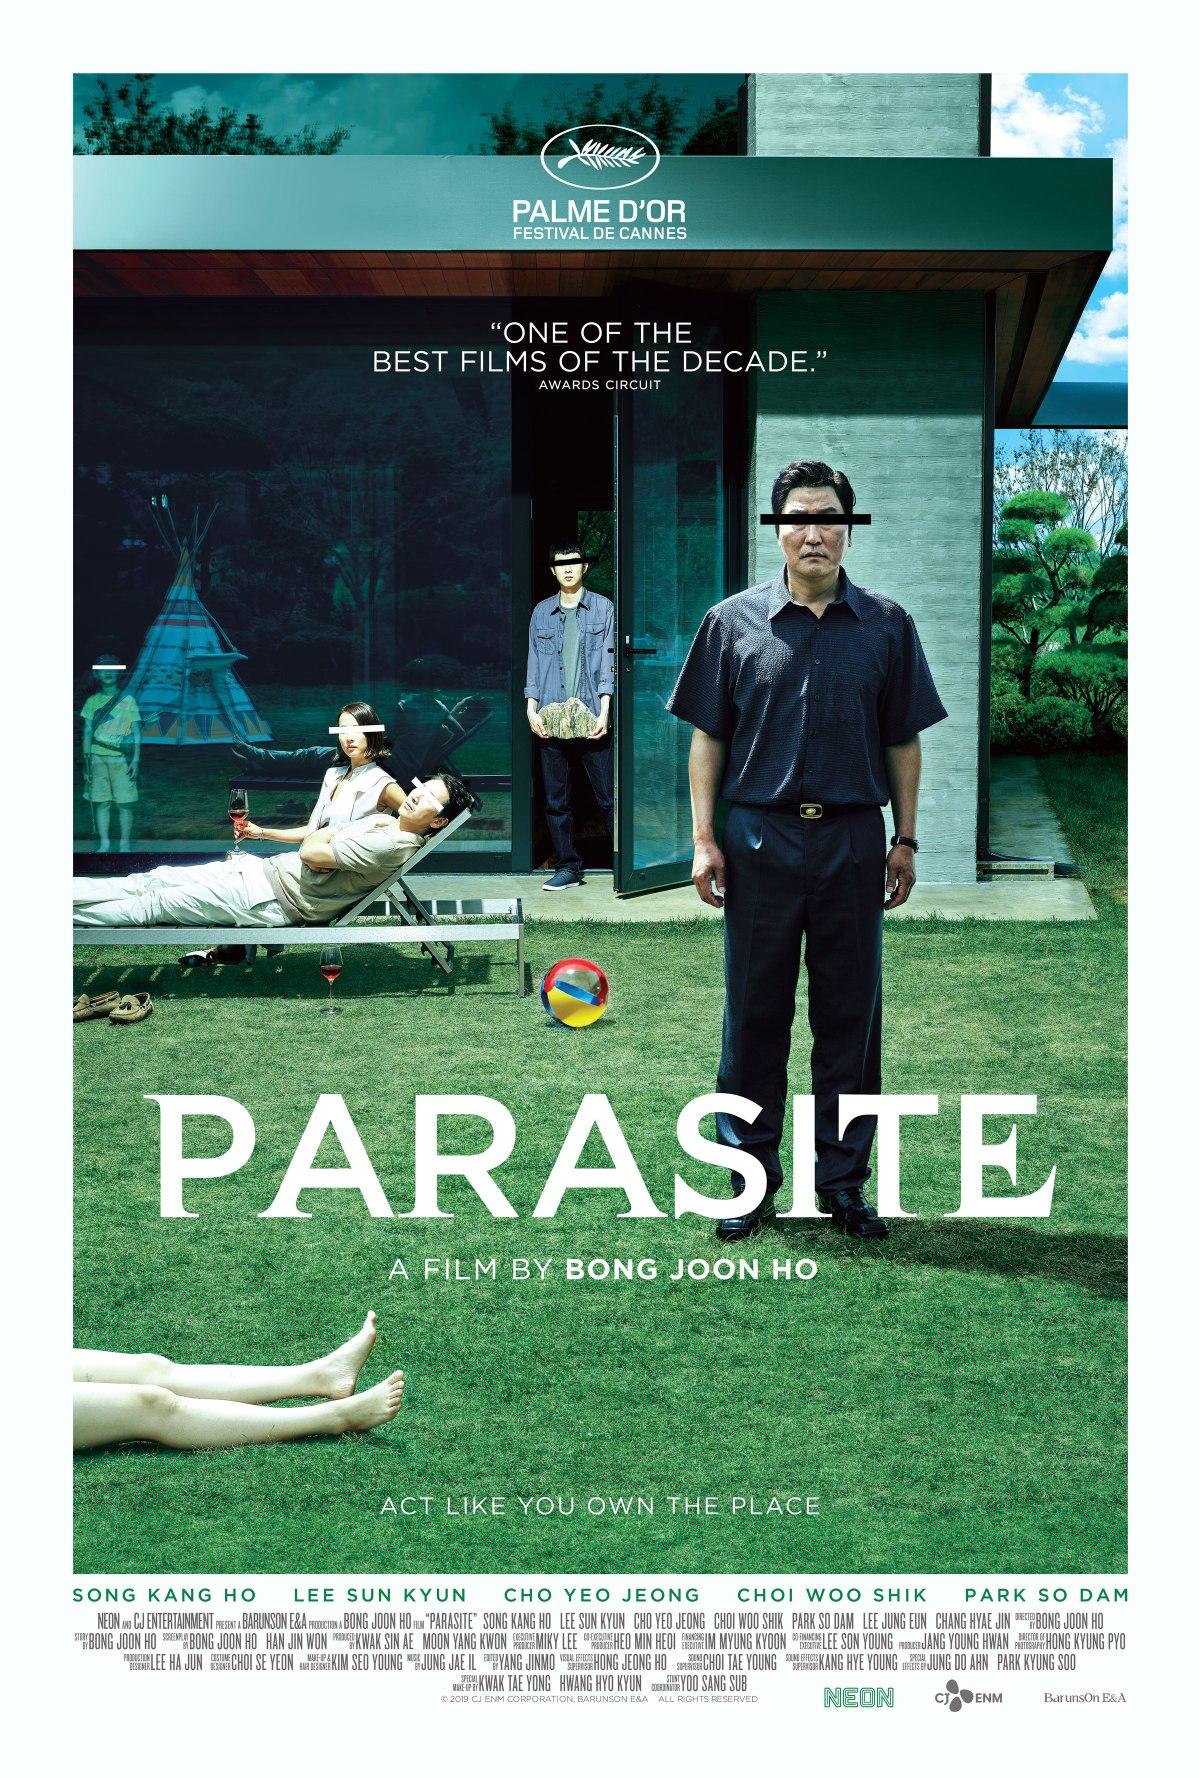 Parasite nueva película cinta Corea del Sur traíler adelanto Cannes